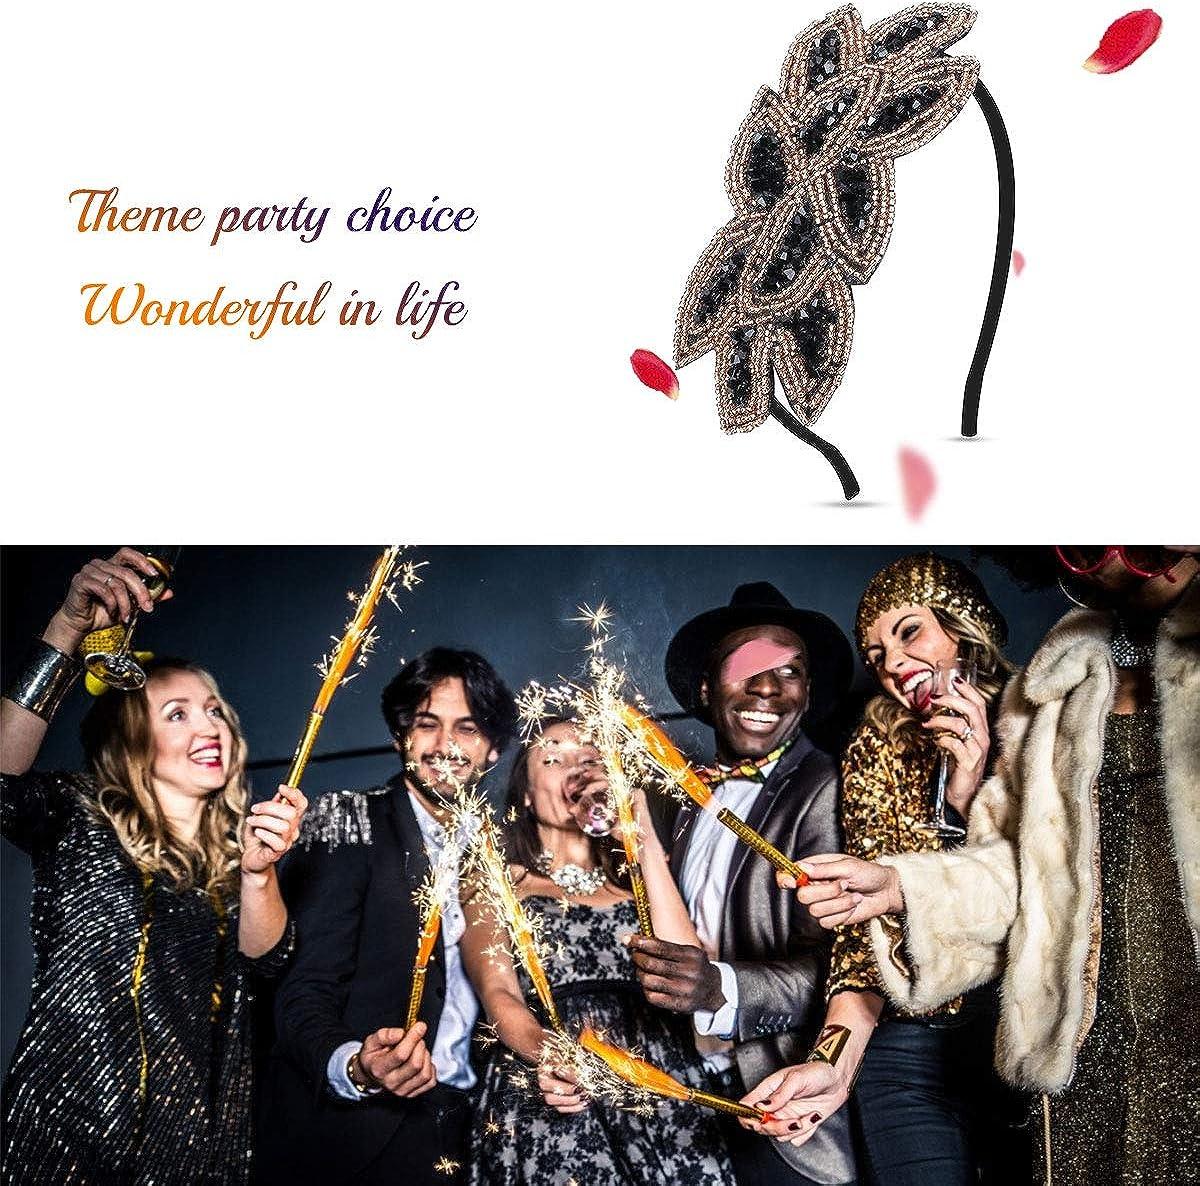 Cerchietto per capelli anni /'20 oro argento accessorio per feste a tema Gatsby stile vintage 1920 con perle e foglie in cristallo